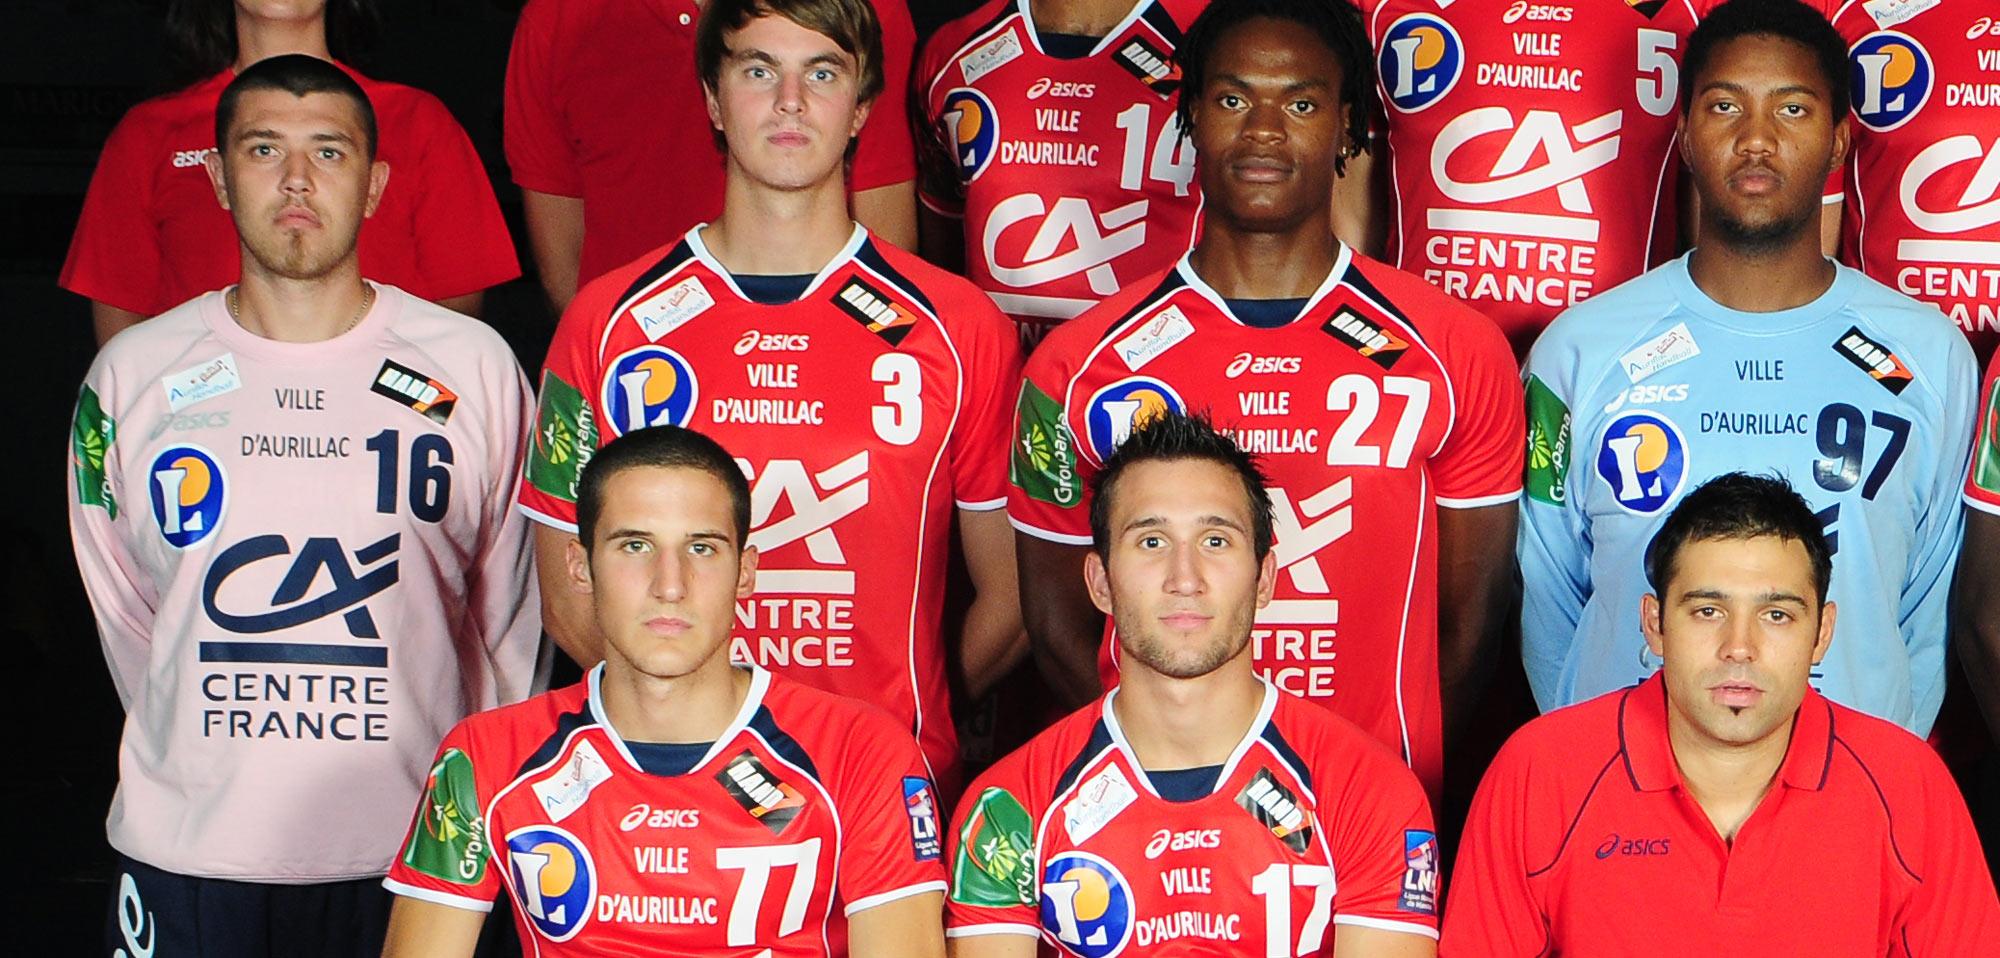 Lors de la saison 2009/2010, Yann Genty évoluait en D1 sous les couleurs d'Aurillac, alors dirigé par le jeune entraîneur Jeremy Roussel